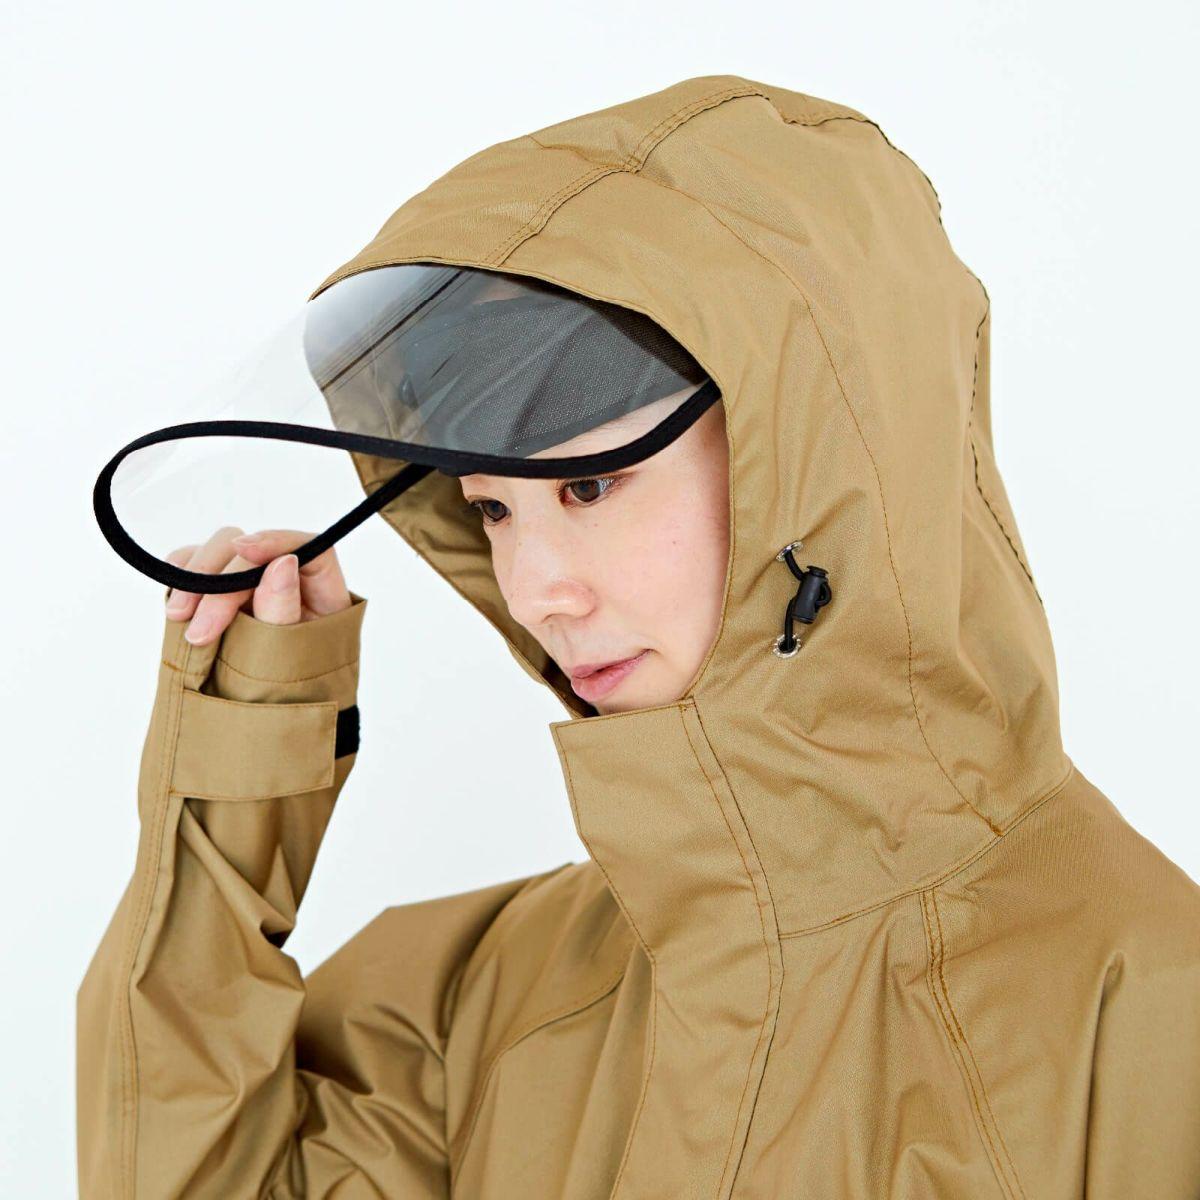 詳細:着用イメージ 自転車 [女性モデルのサイズ]身長:168cm 着用サイズ:L